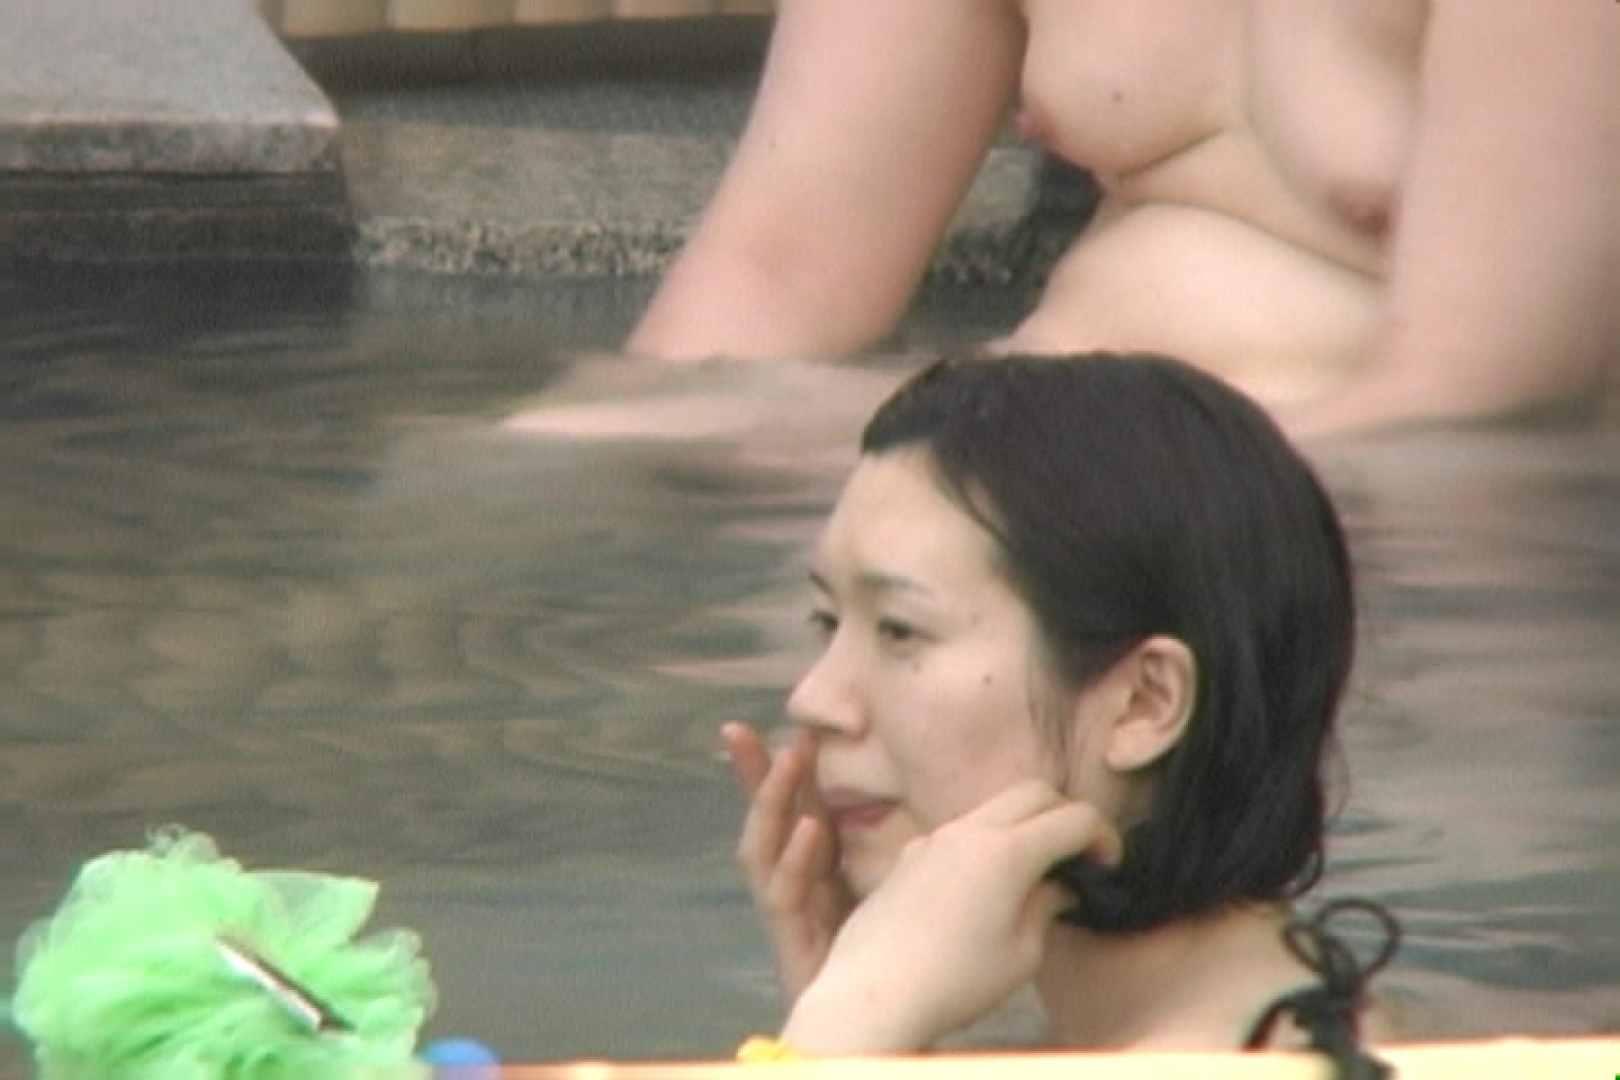 高画質露天女風呂観察 vol.010 入浴隠し撮り オメコ動画キャプチャ 99pic 54